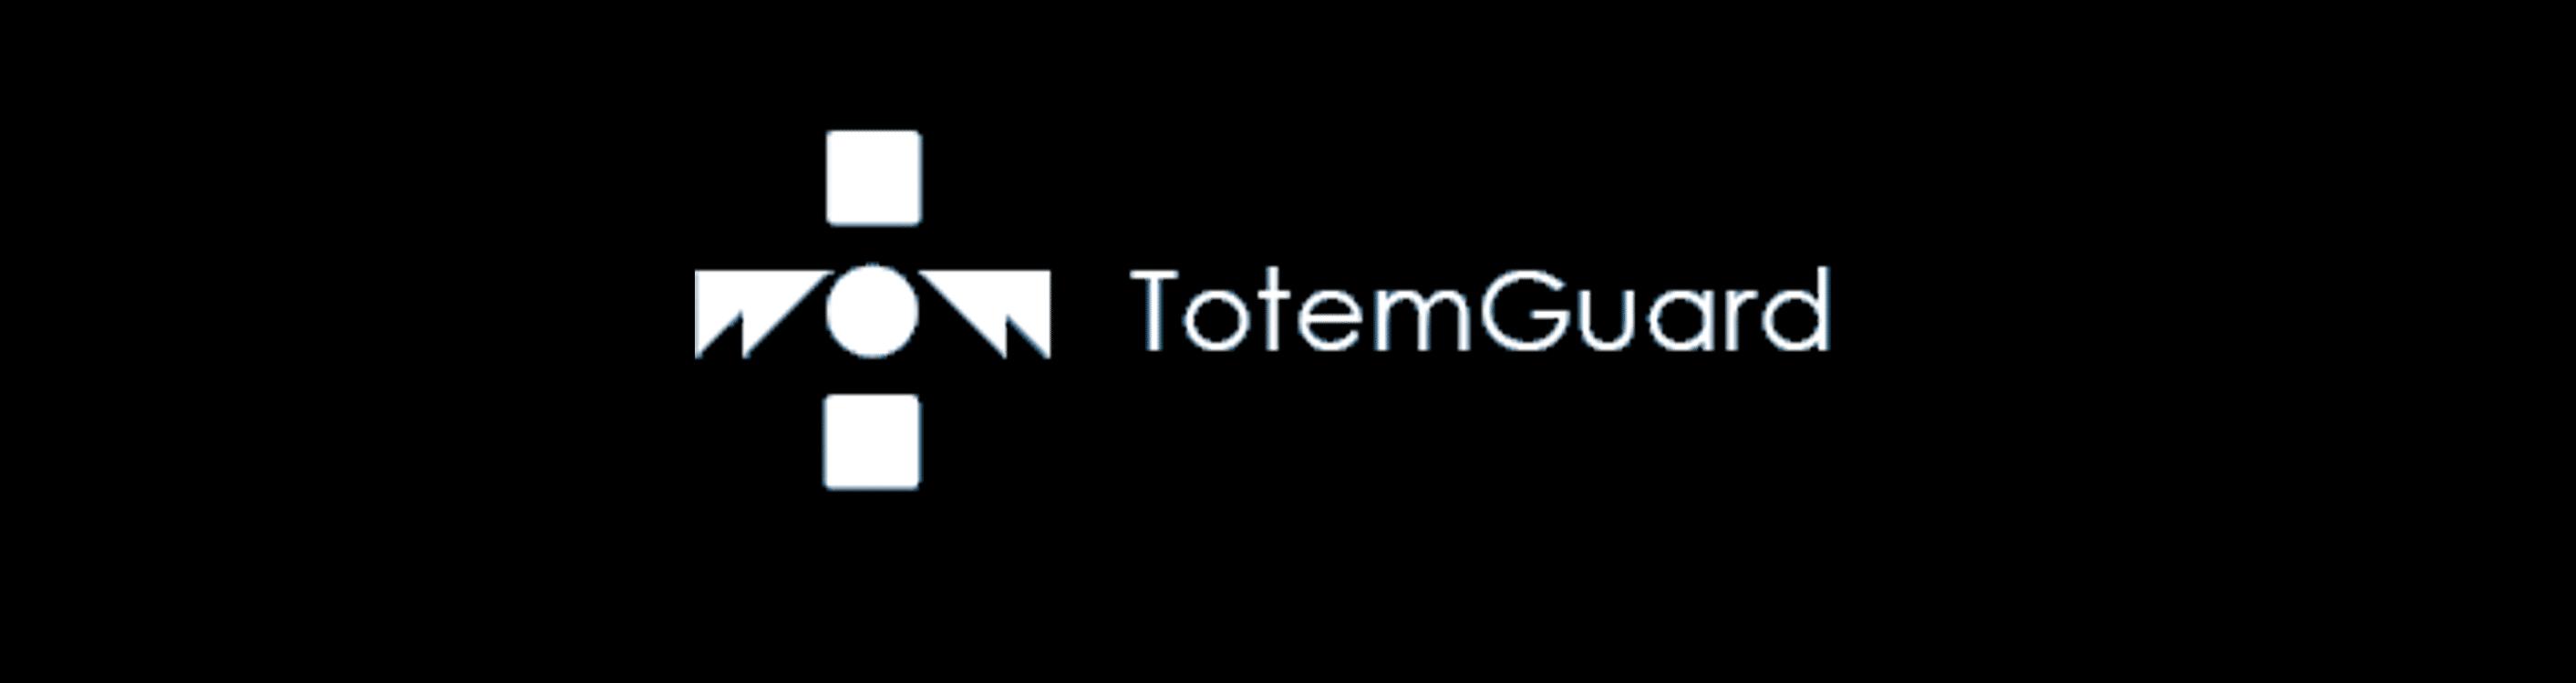 Totemguard logo